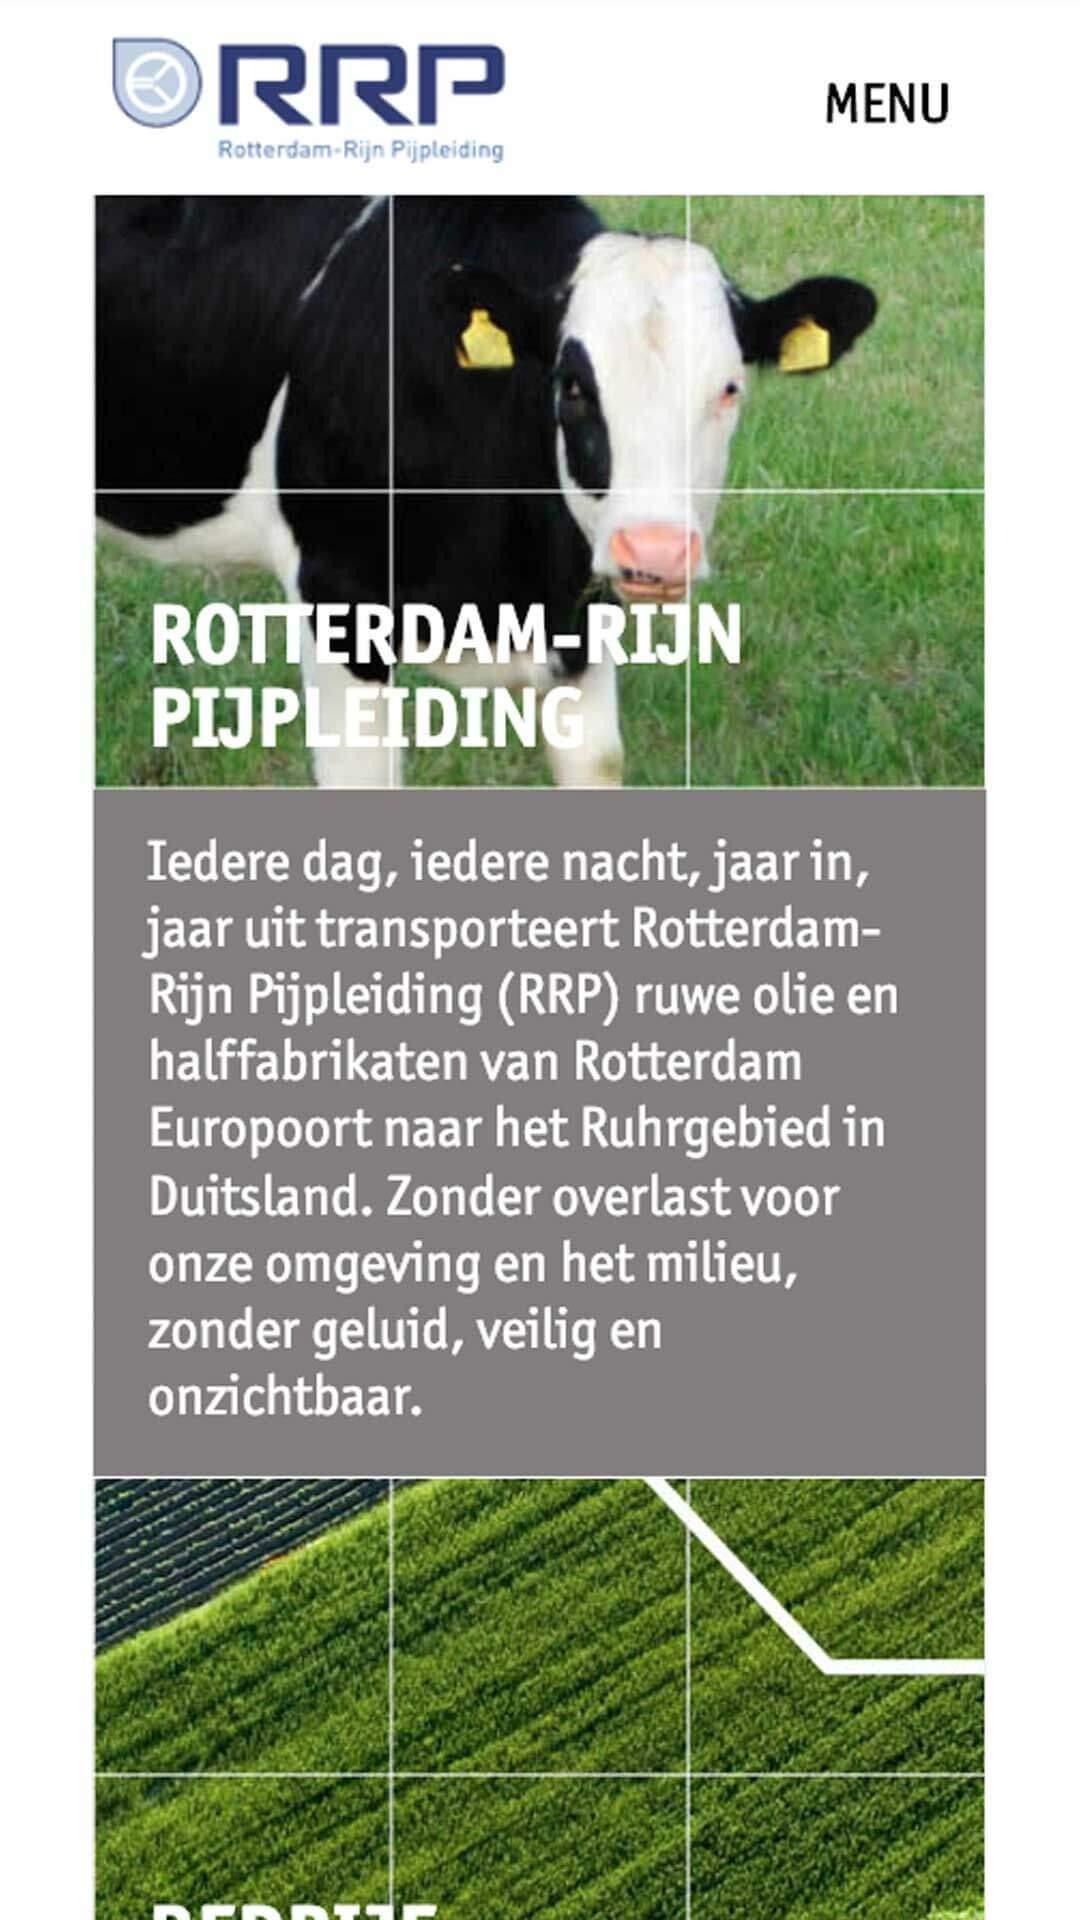 rrpweb.nl RRP mobile preview